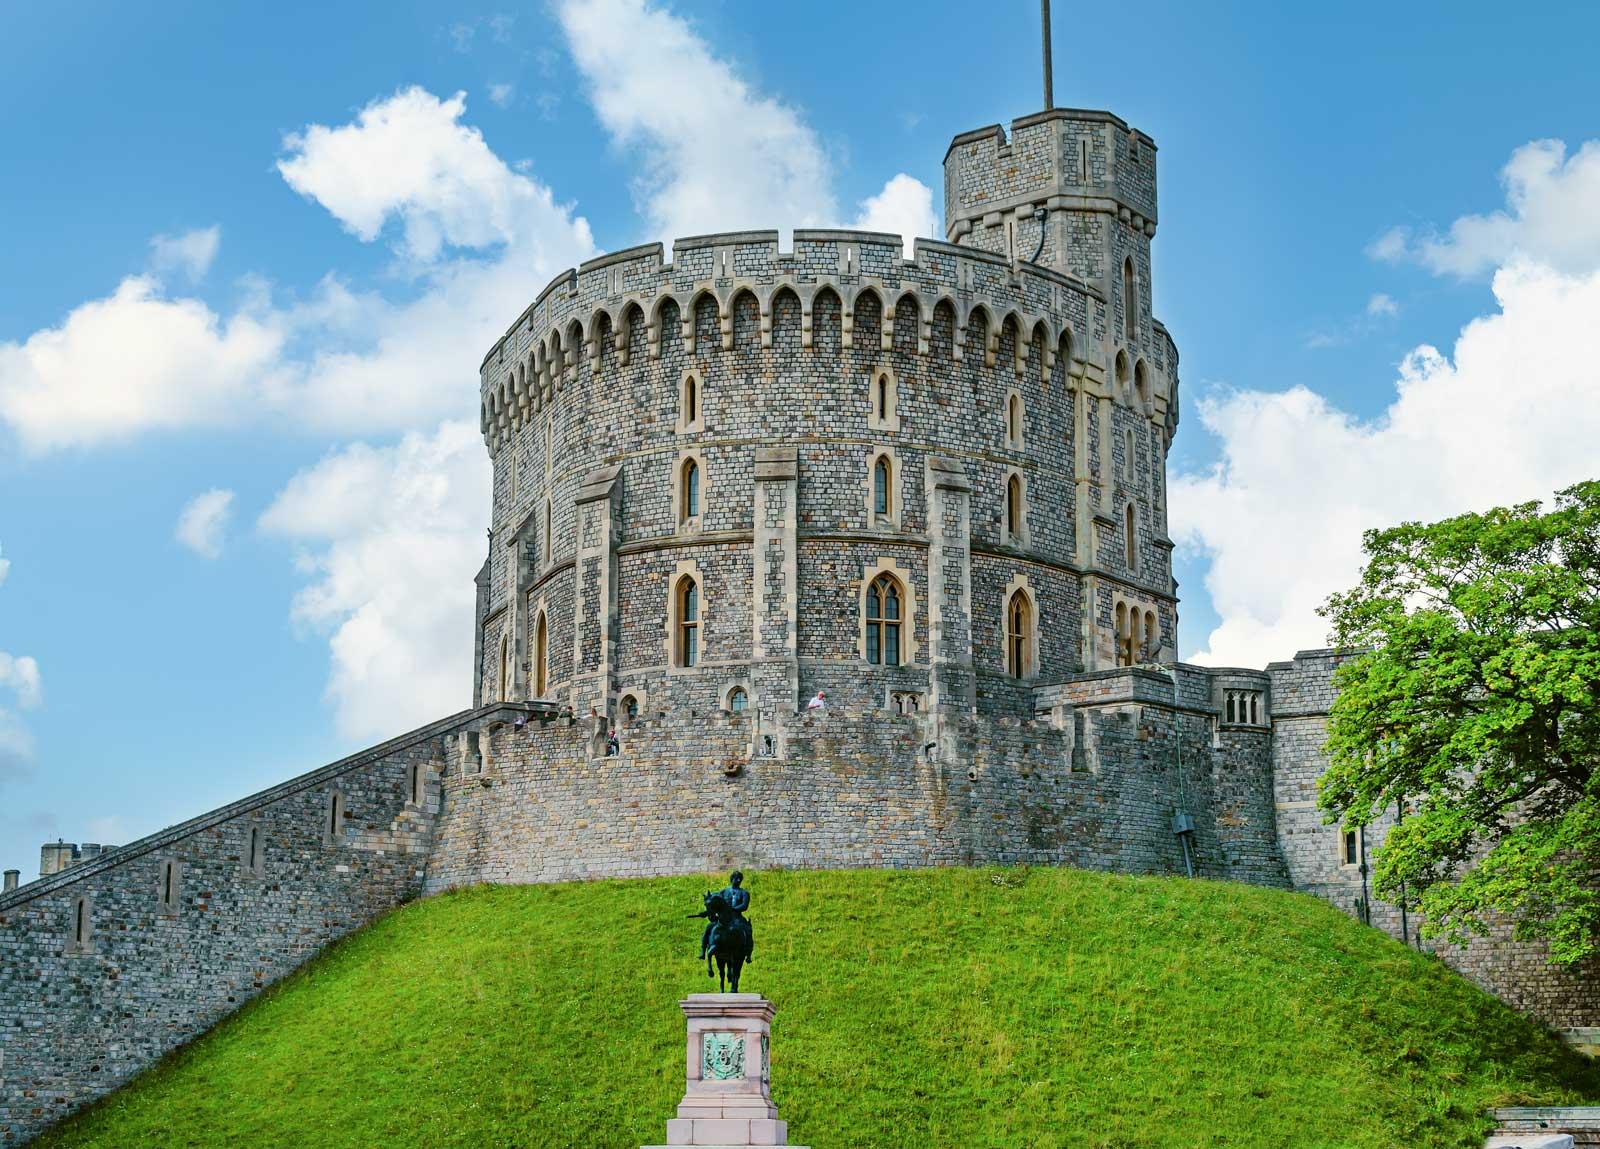 Tips for visiting Windsor Castle